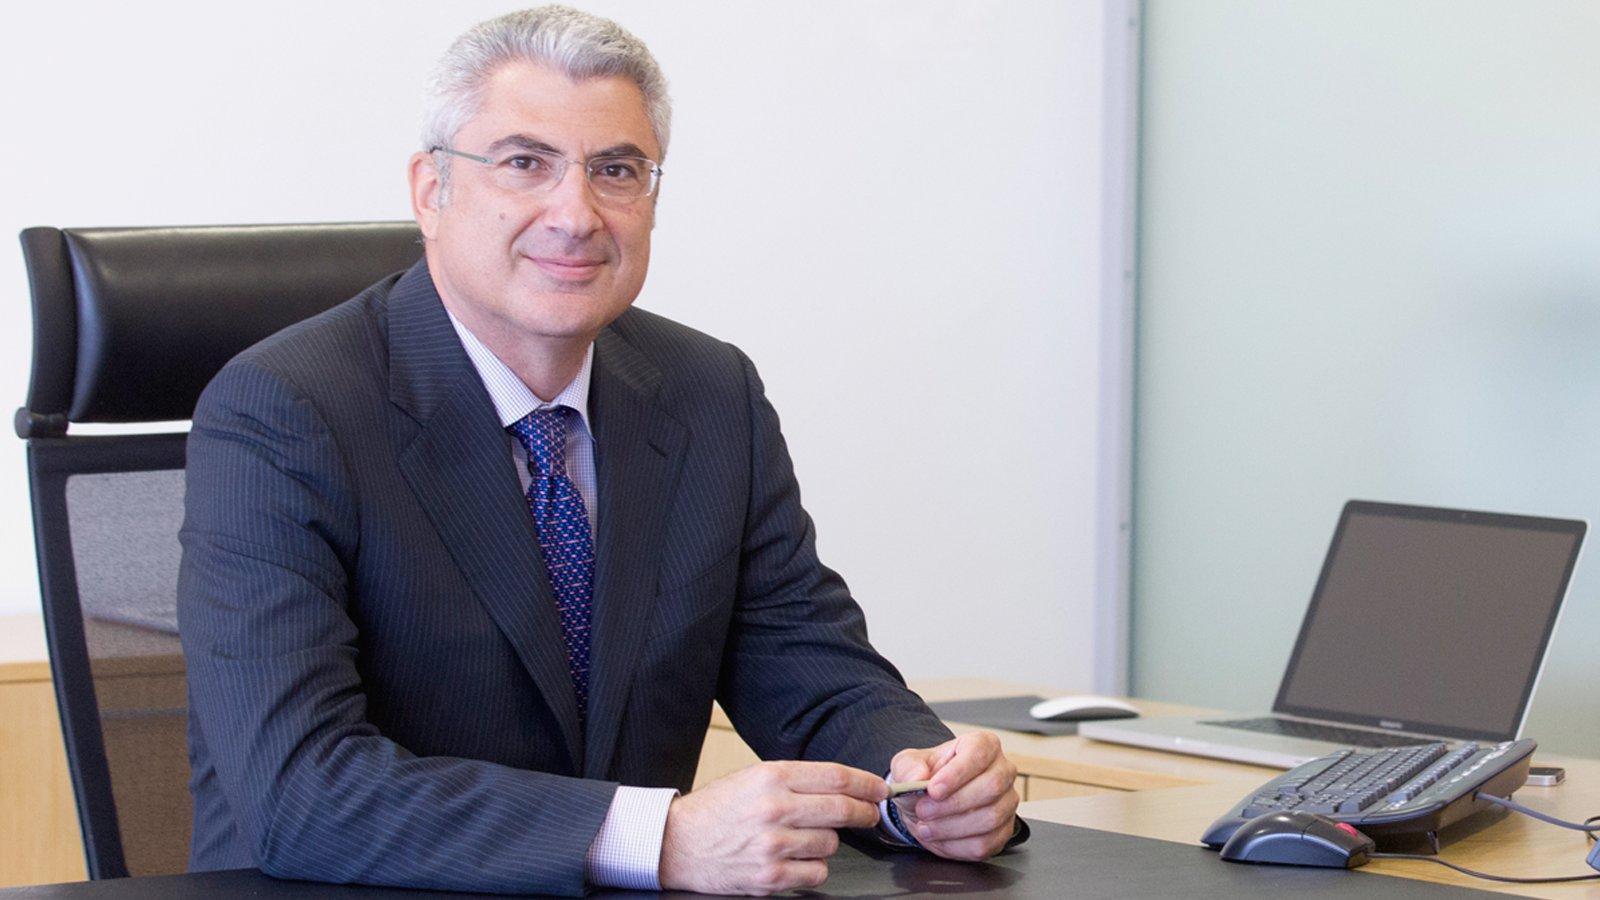 Σταύρος Κωνσταντάς: Η Εθνική Ασφαλιστική θα συνεχίσει να ηγείται